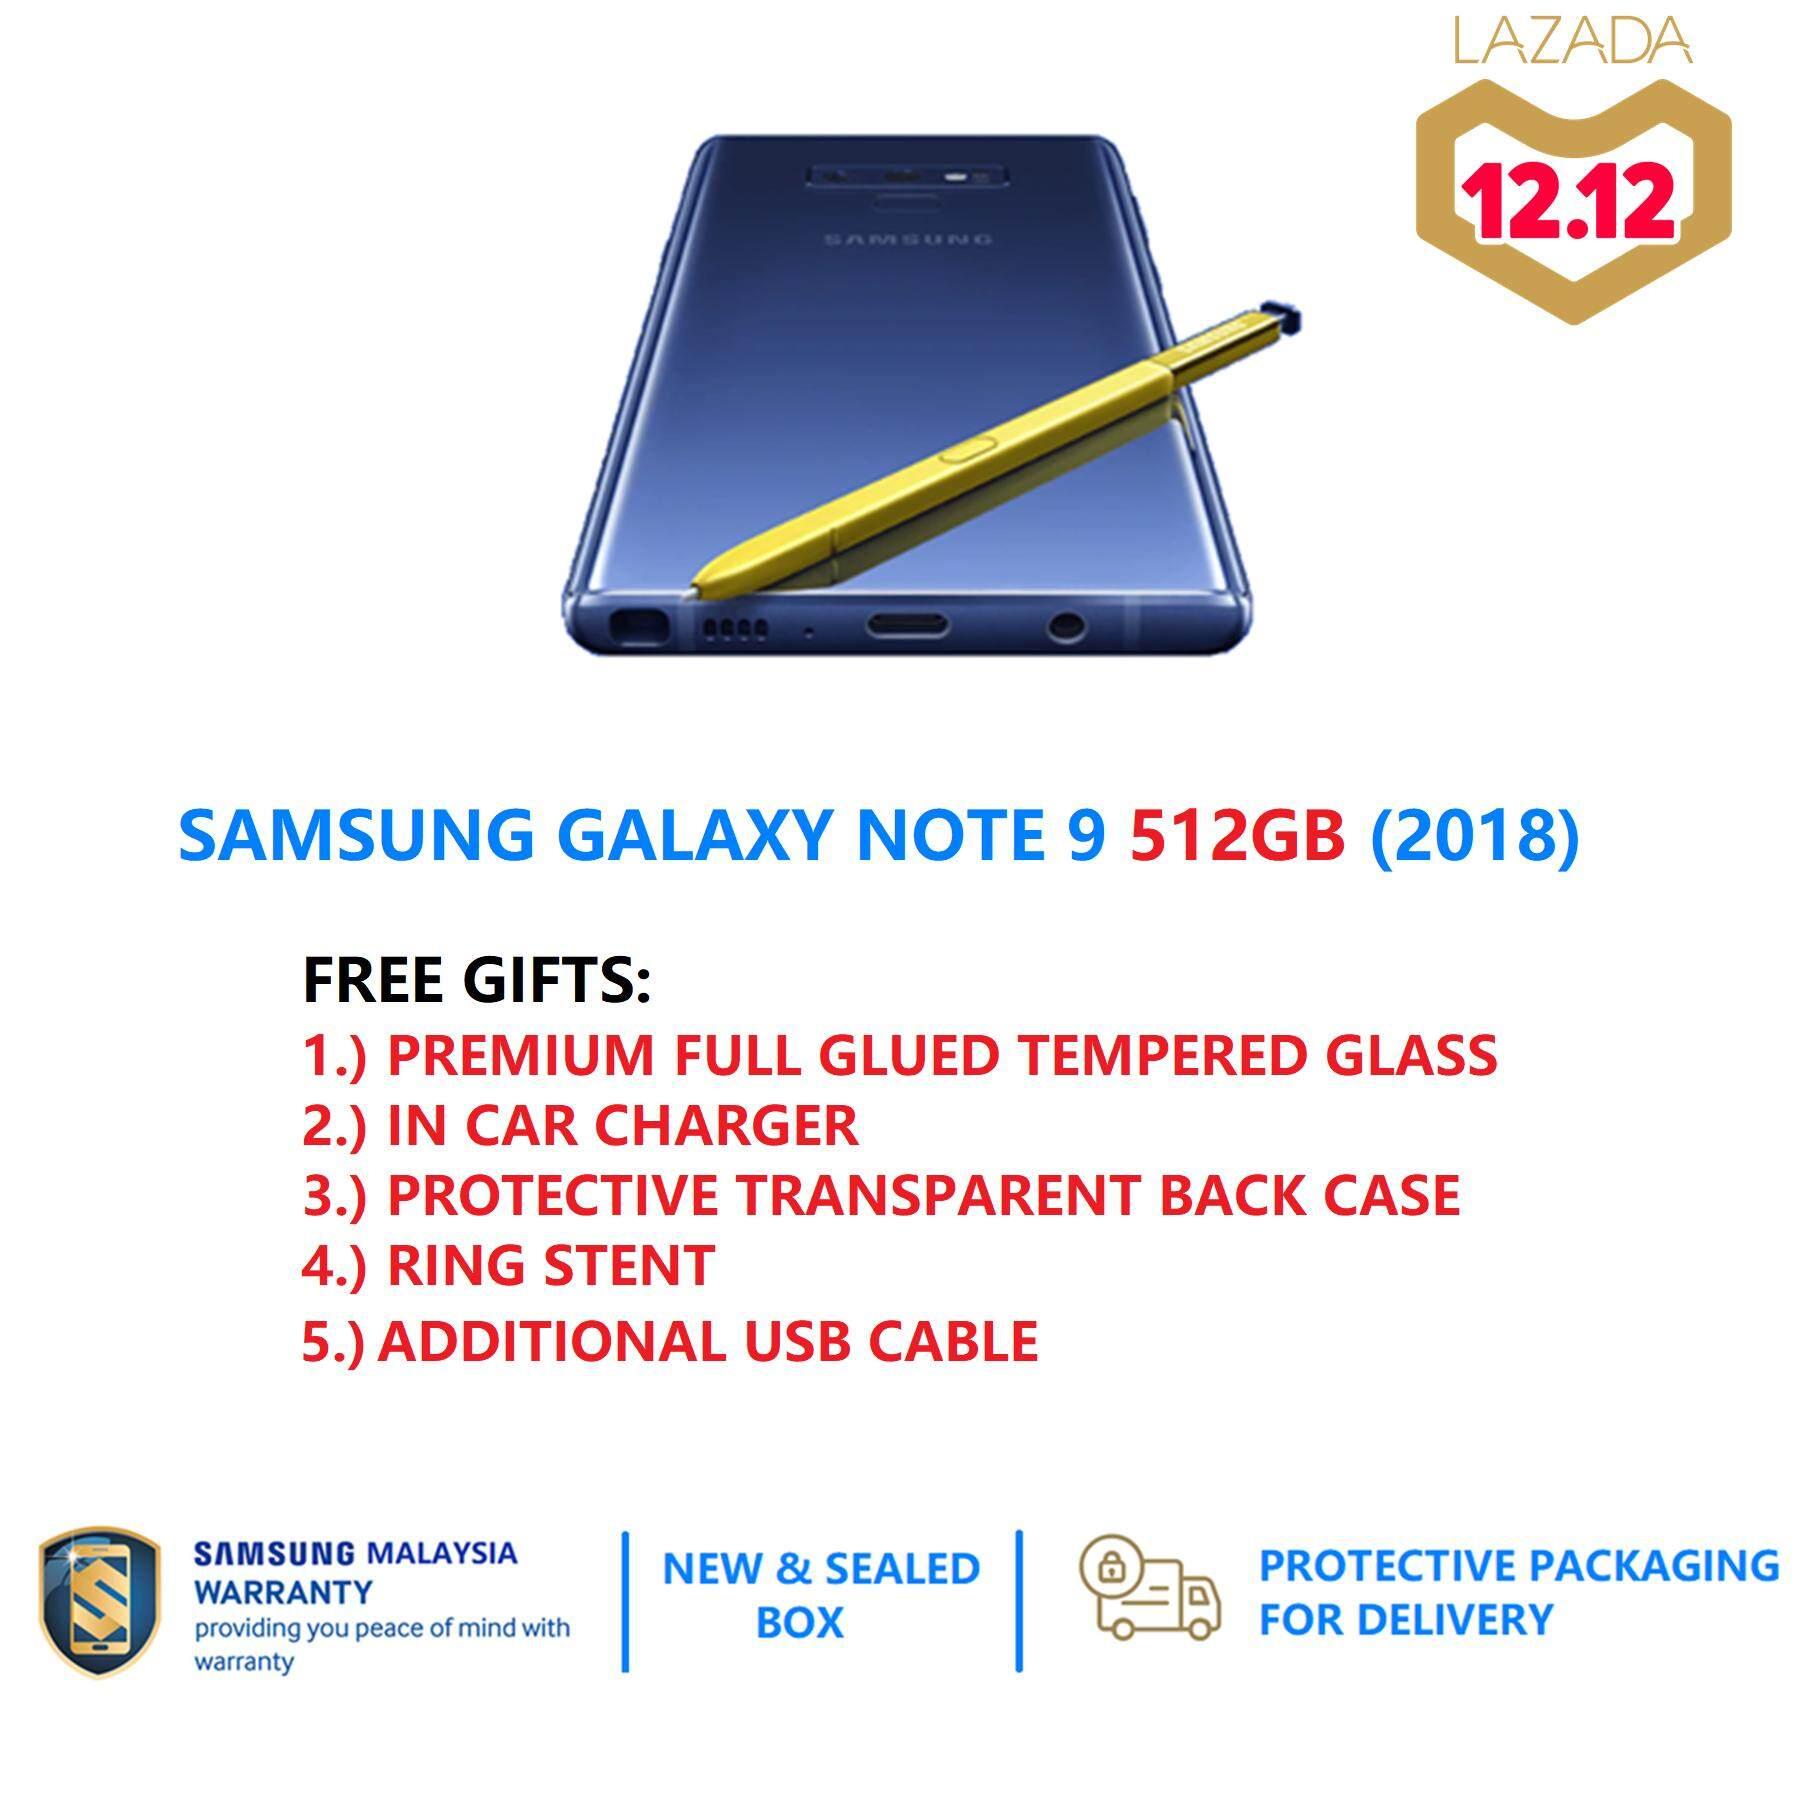 Grab Original Samsung Mobiles Tablets On Lazada My Galaxy J7 Lte 16gb Hitam Free Shipping Note 9 512gb Dual Sim 8gb Ram